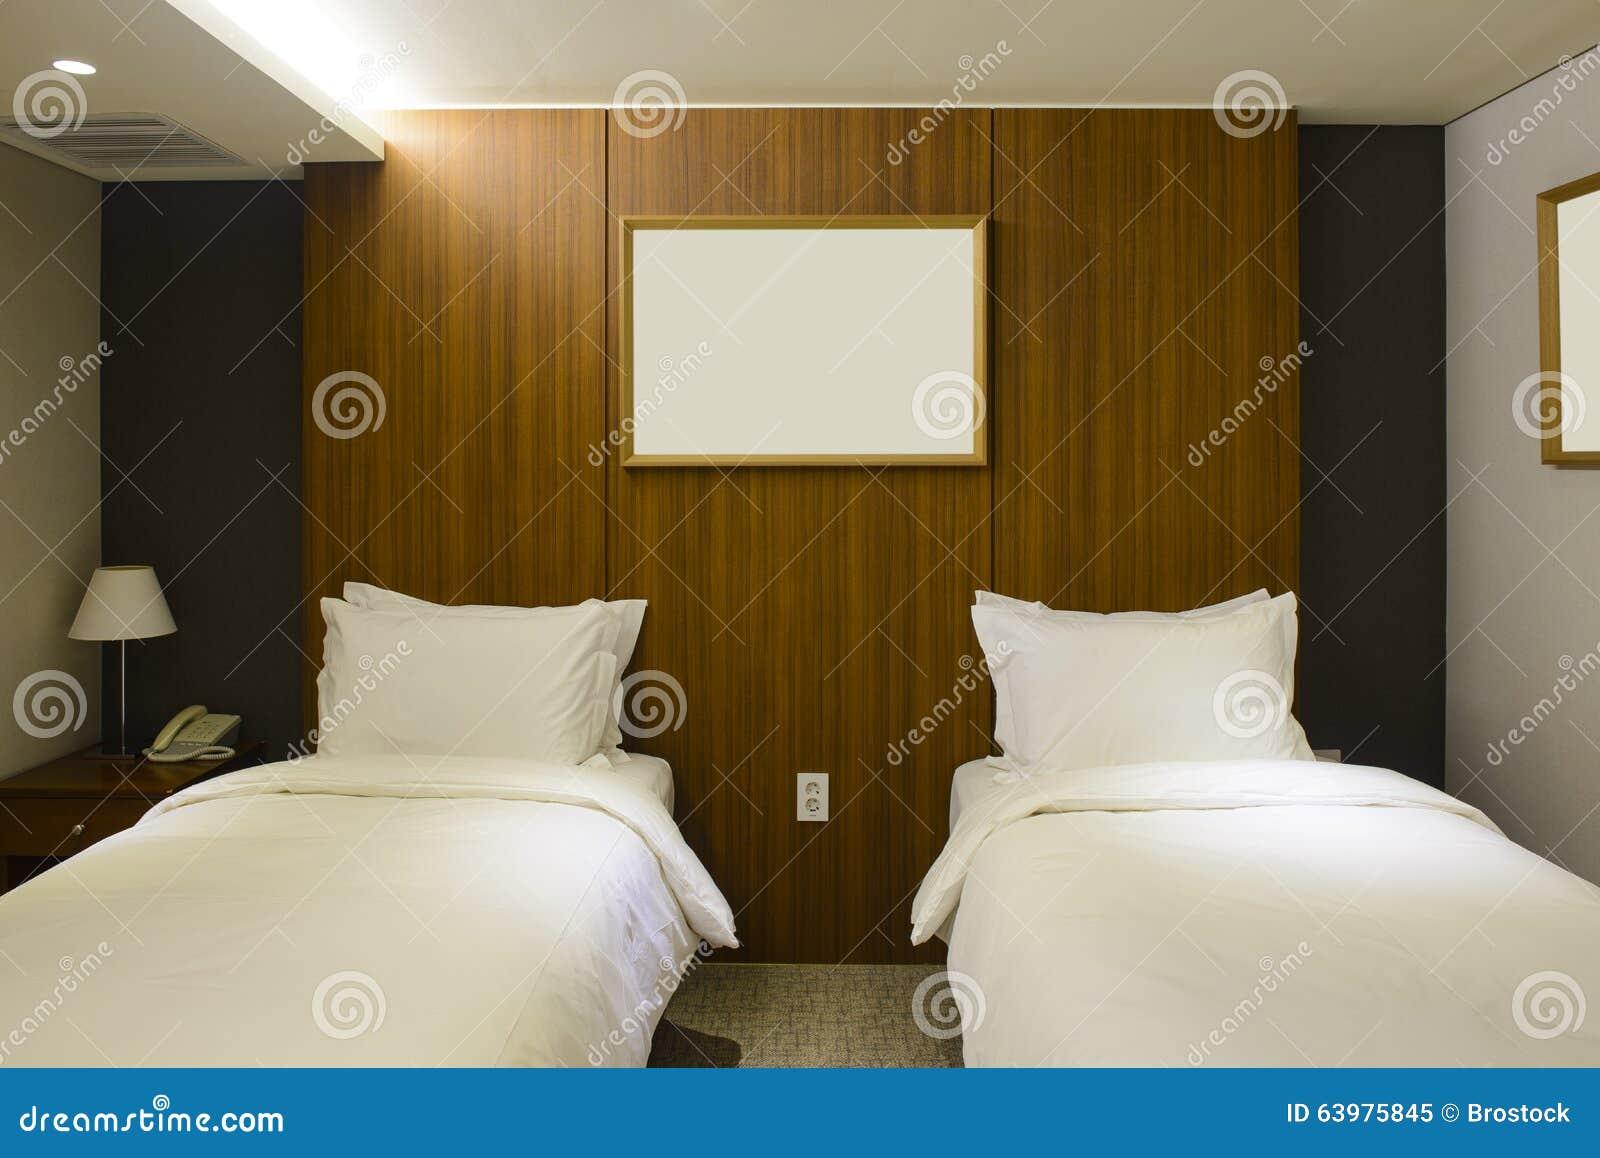 Doppelbett-Hotelzimmerinnenraum